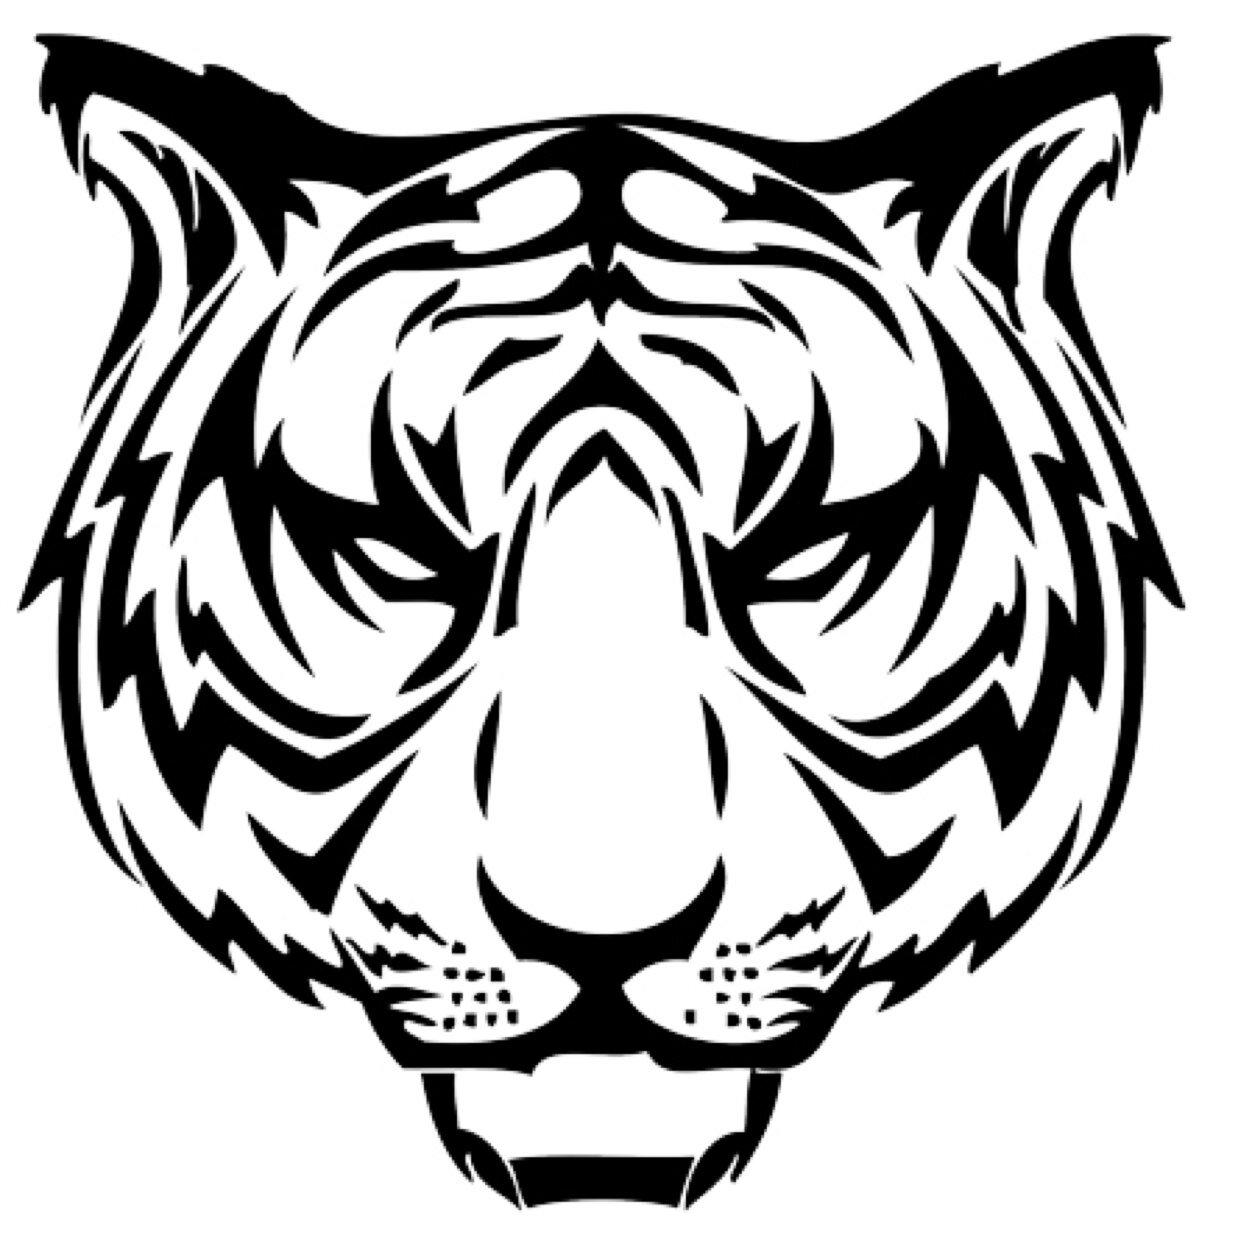 1252x1252 Latest Tribal Tiger Tattoos